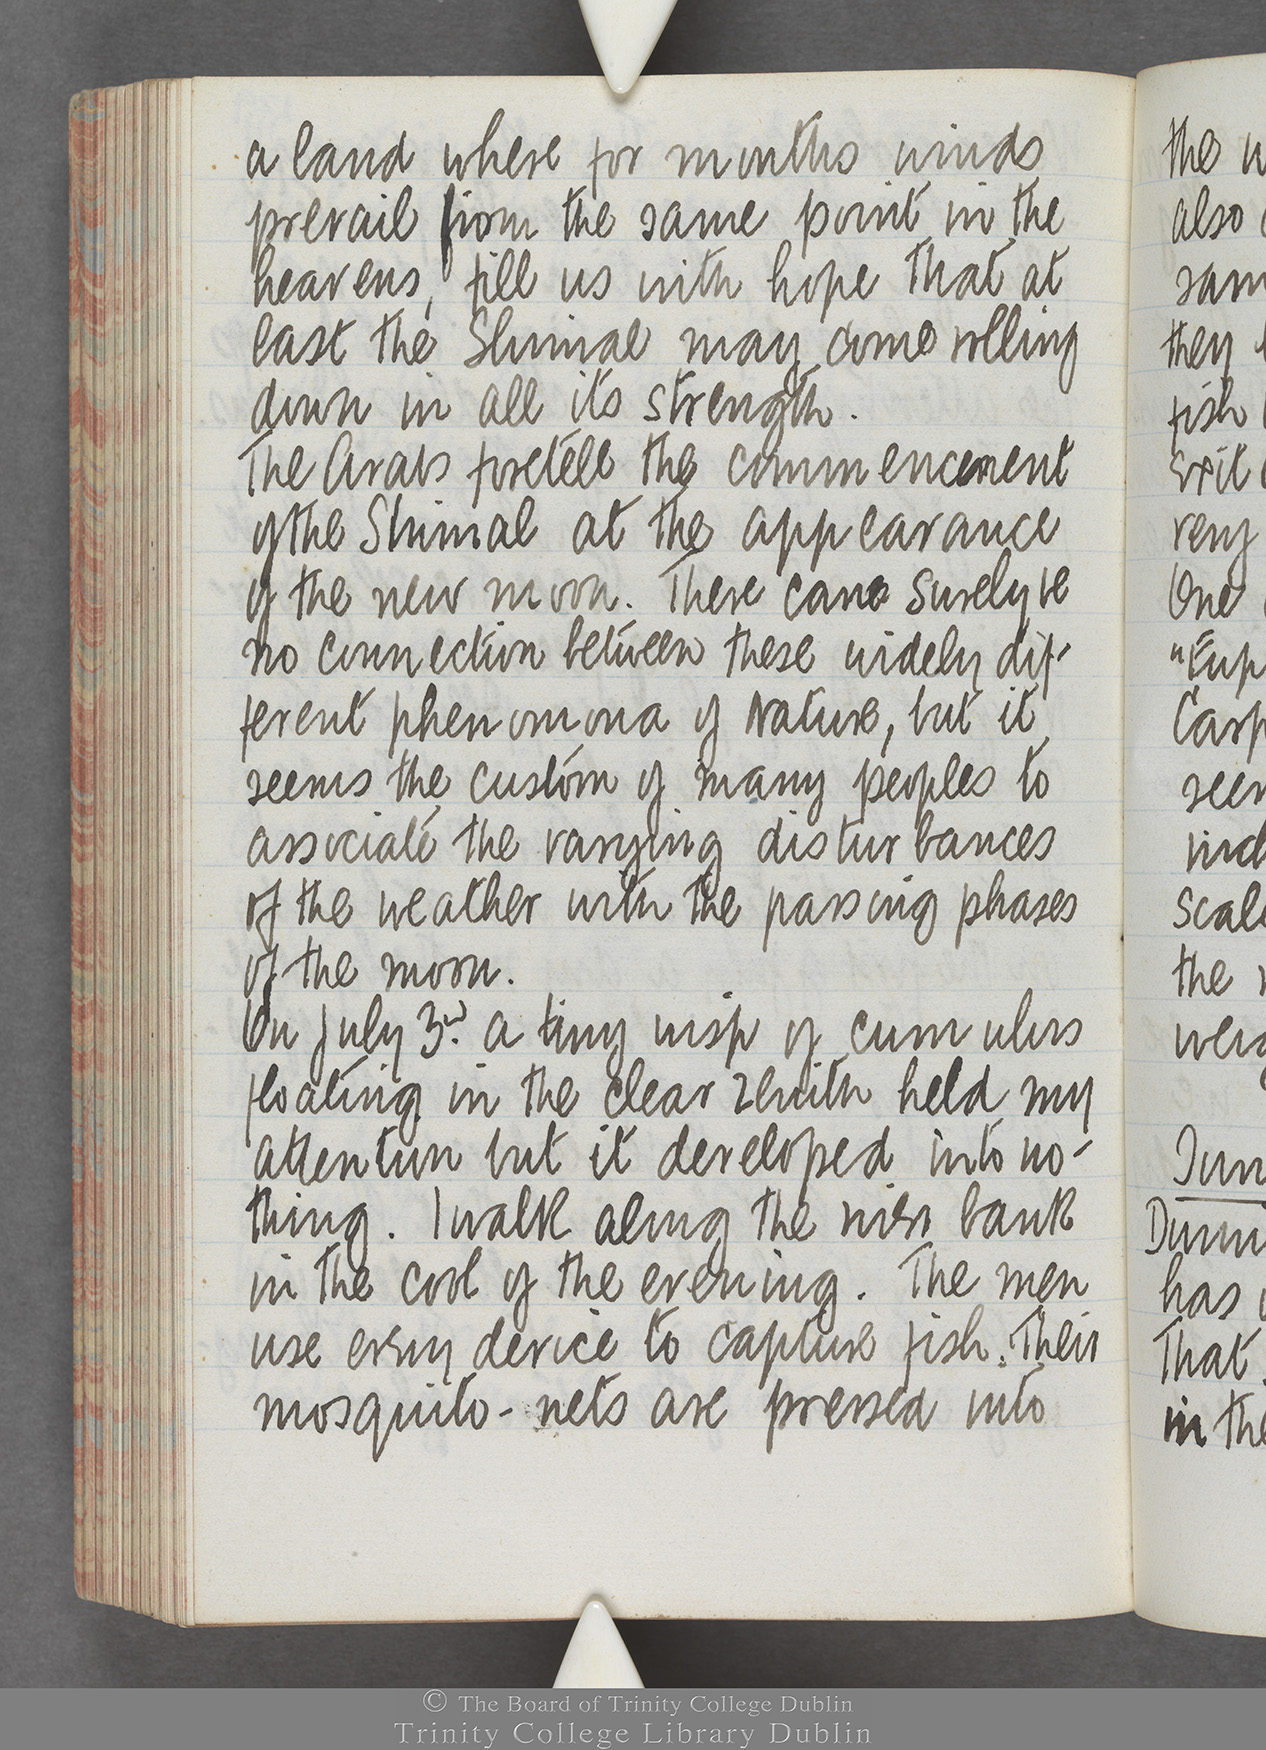 TCD MS 10515 folio 129 verso